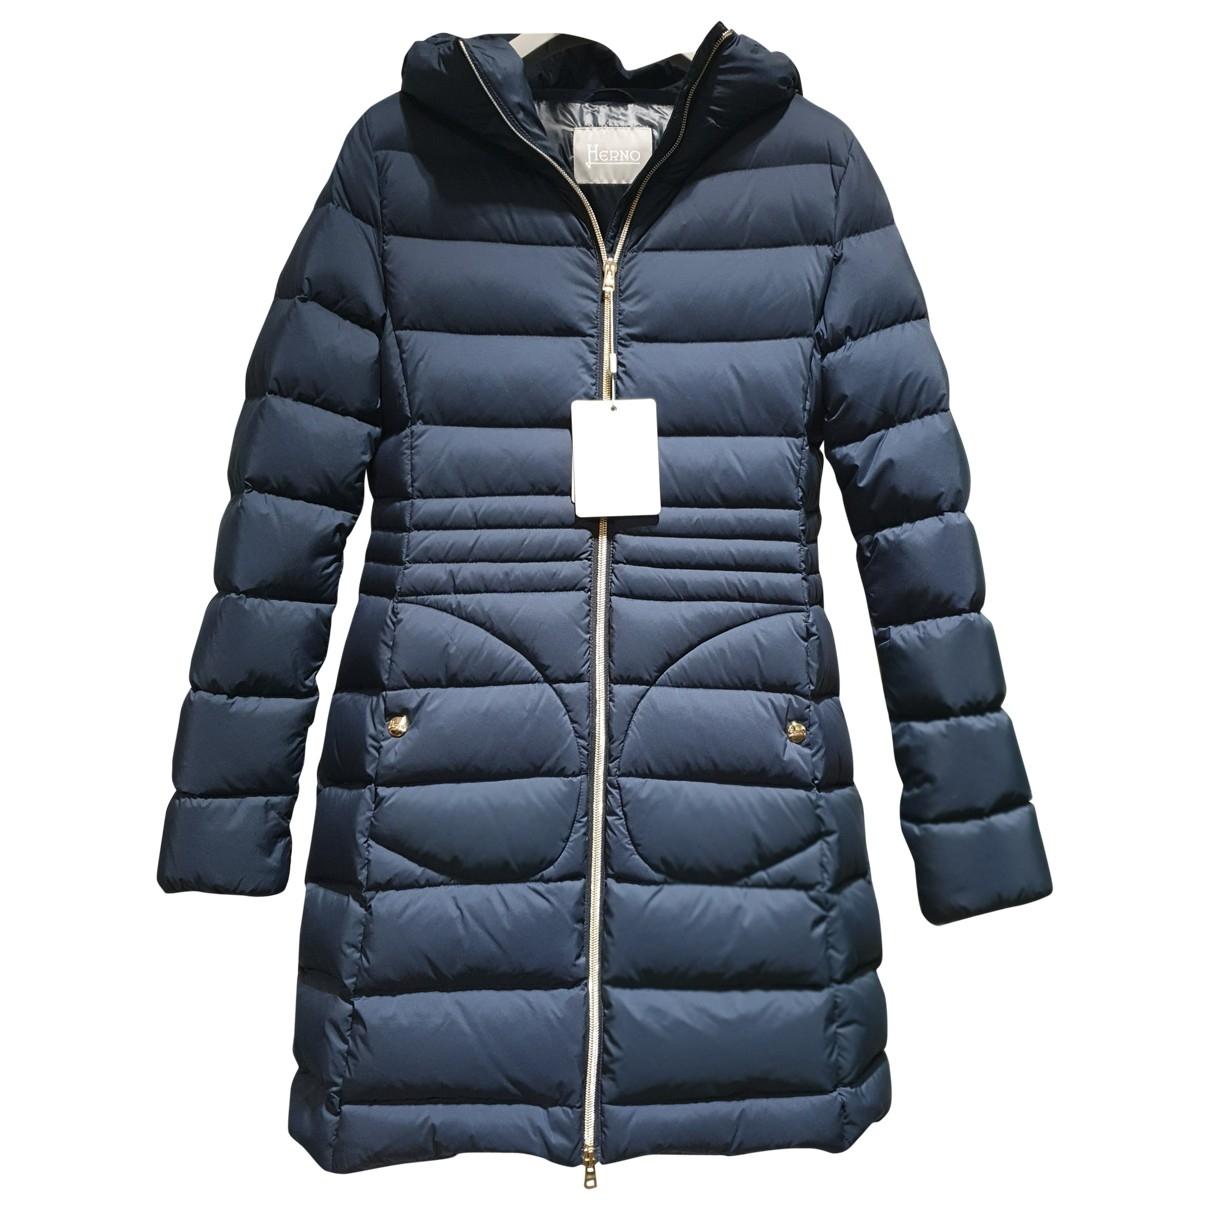 Herno - Blousons.Manteaux   pour enfant - marine